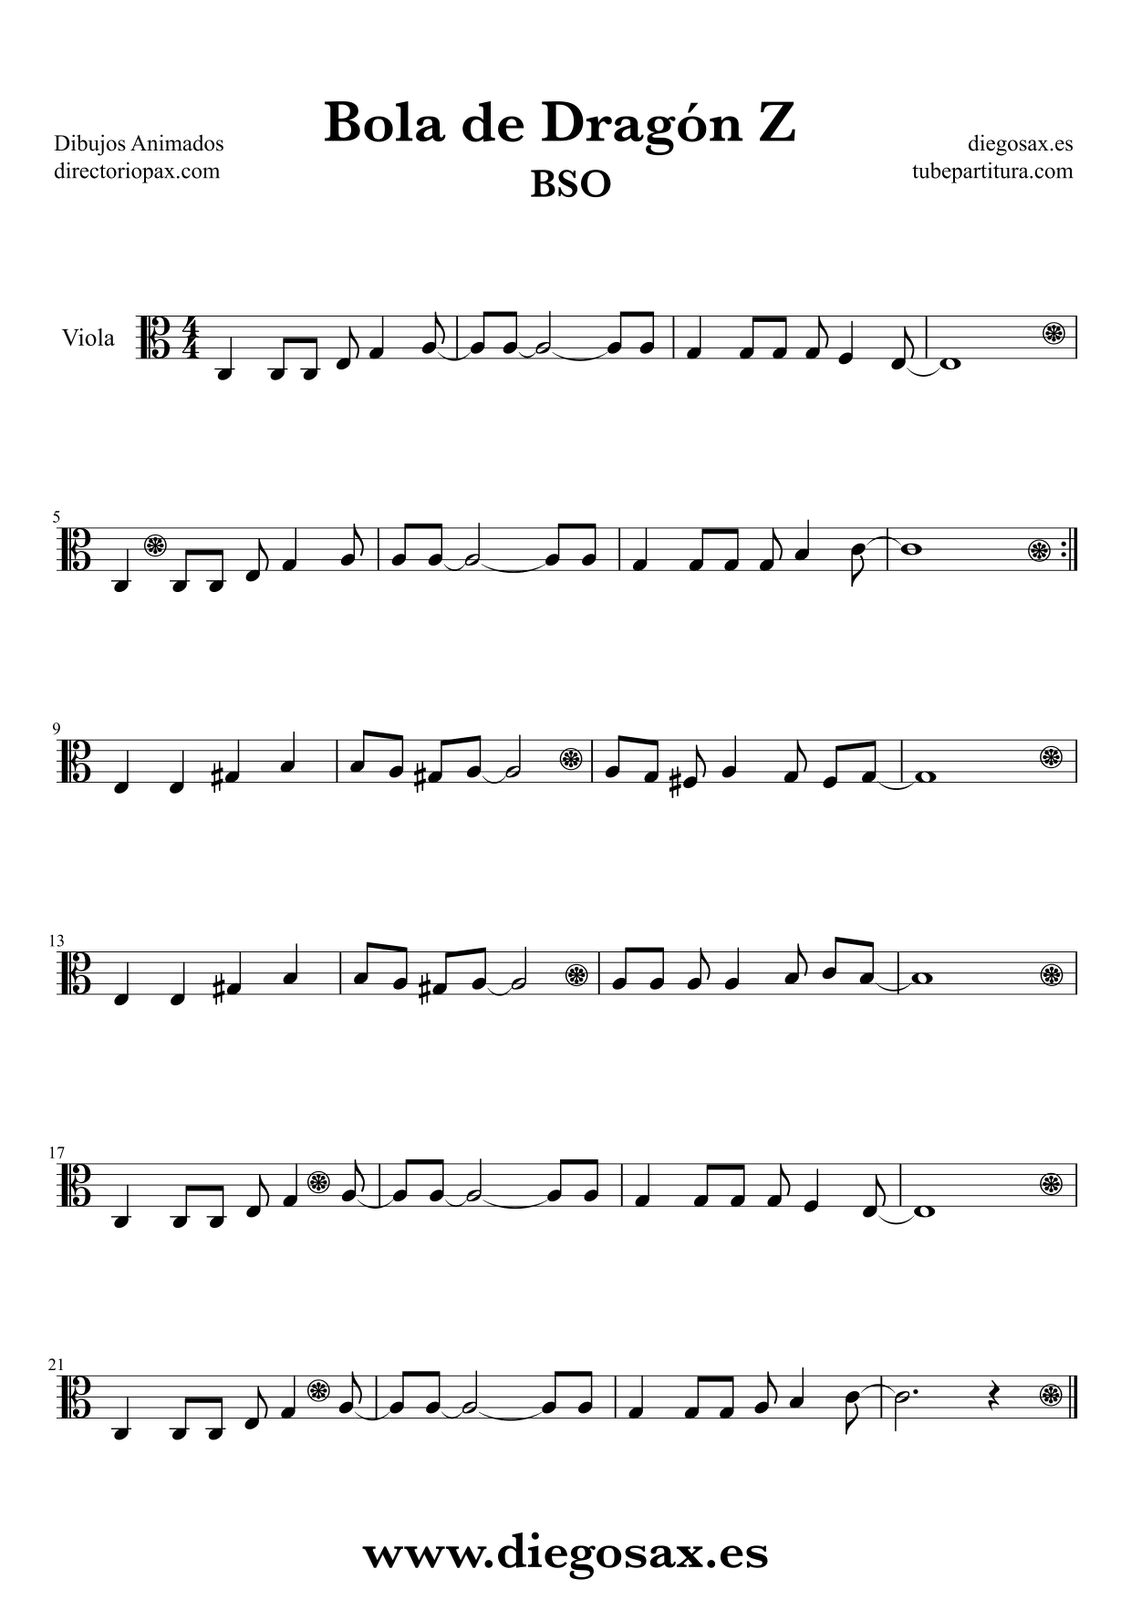 Viola dibujos animados bso sheet music viola music score dragon ball z